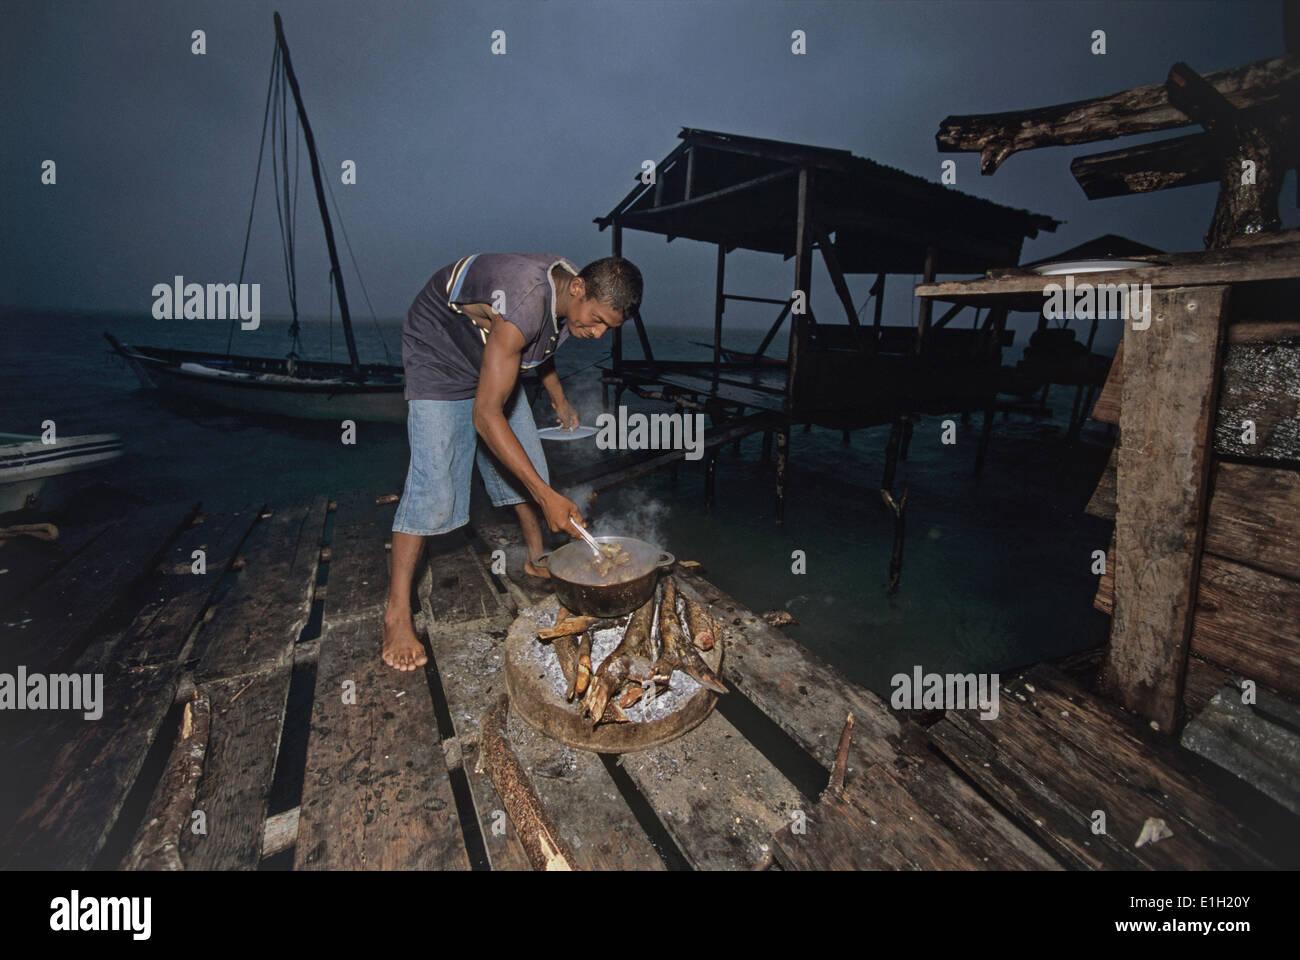 Miskito indische Fischer Kochen Suppenschildkröte (Chelonia Mydas) Fleisch, Puerto Cabezas, Nicaragua - karibische Meer. Stockbild